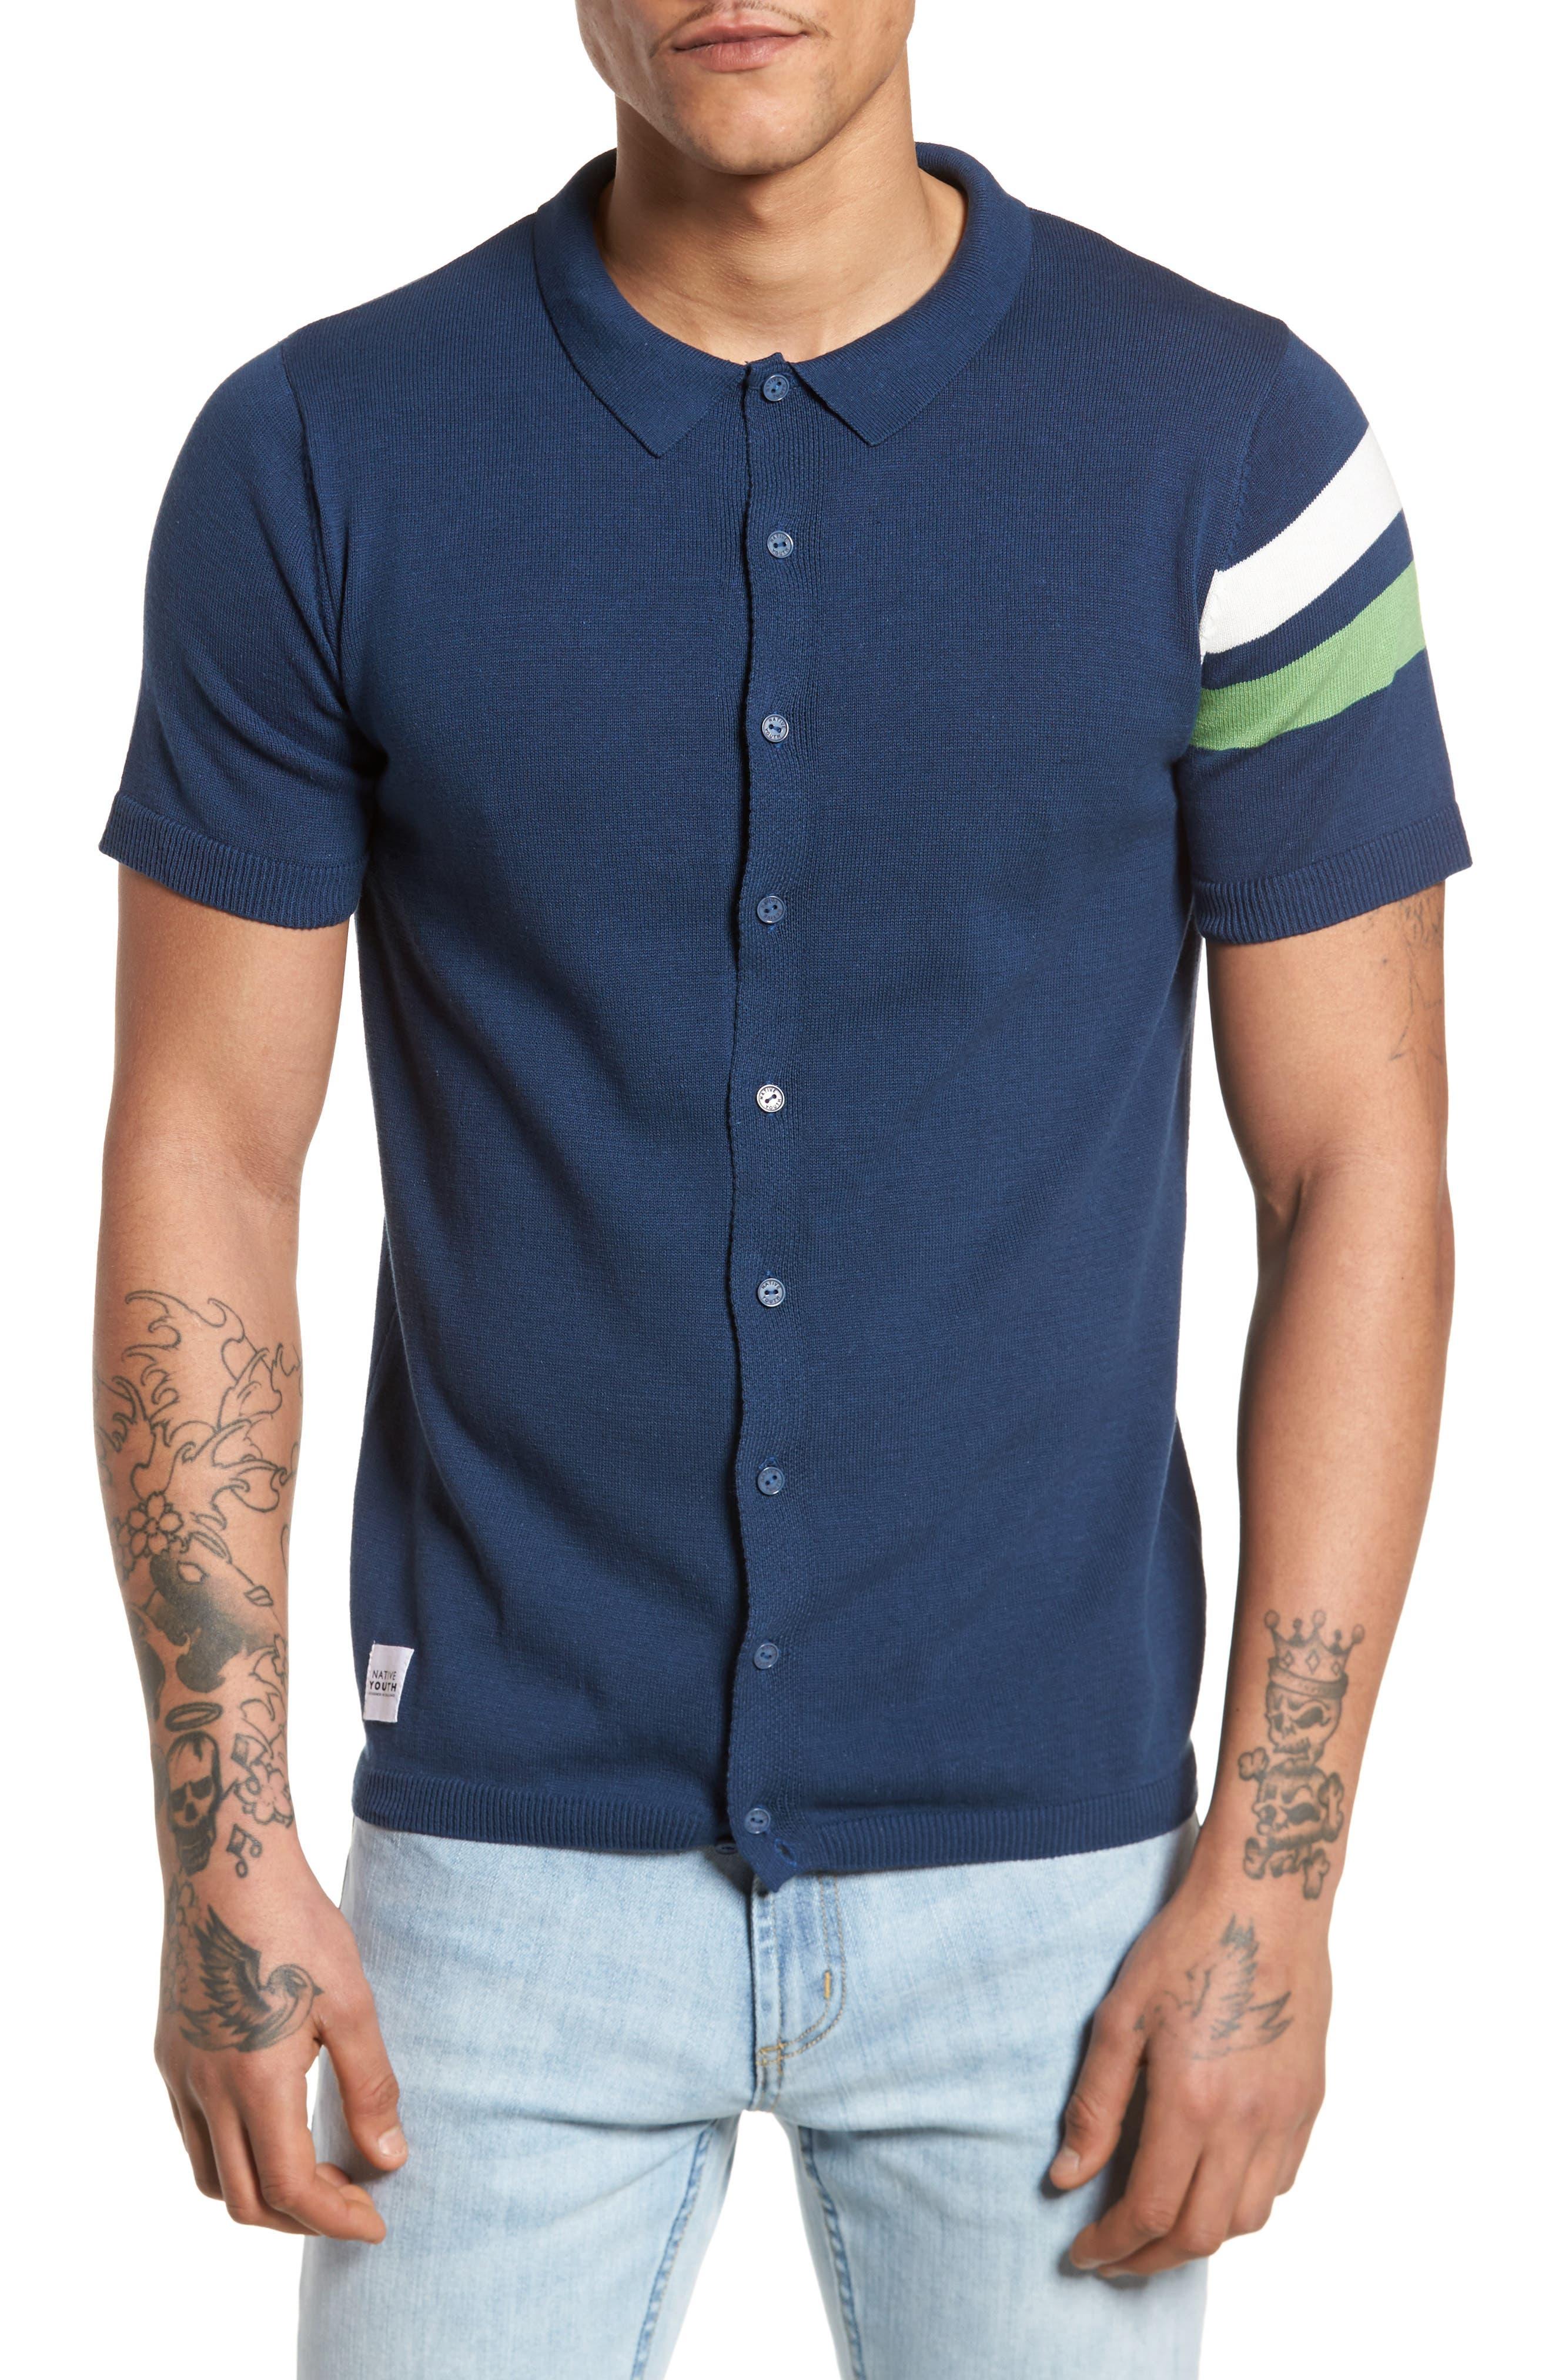 Abyss Knit Shirt,                             Main thumbnail 1, color,                             Navy